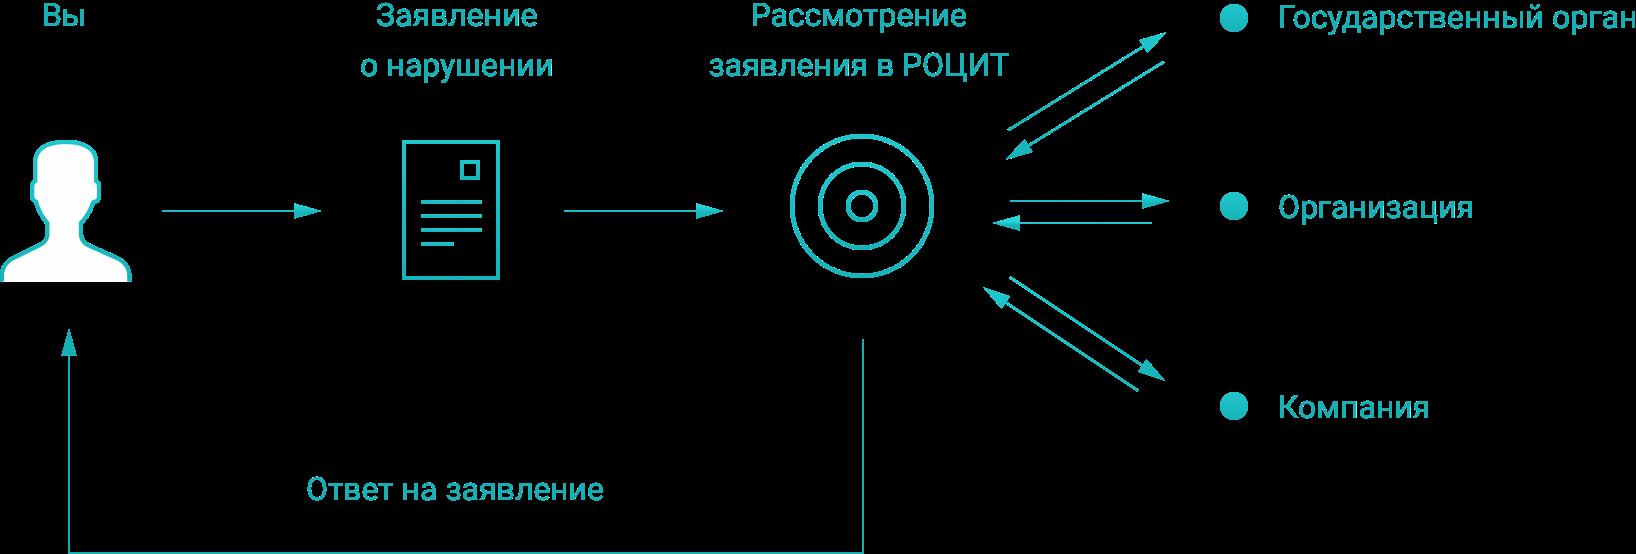 Вход на сайт роспотребнадзора